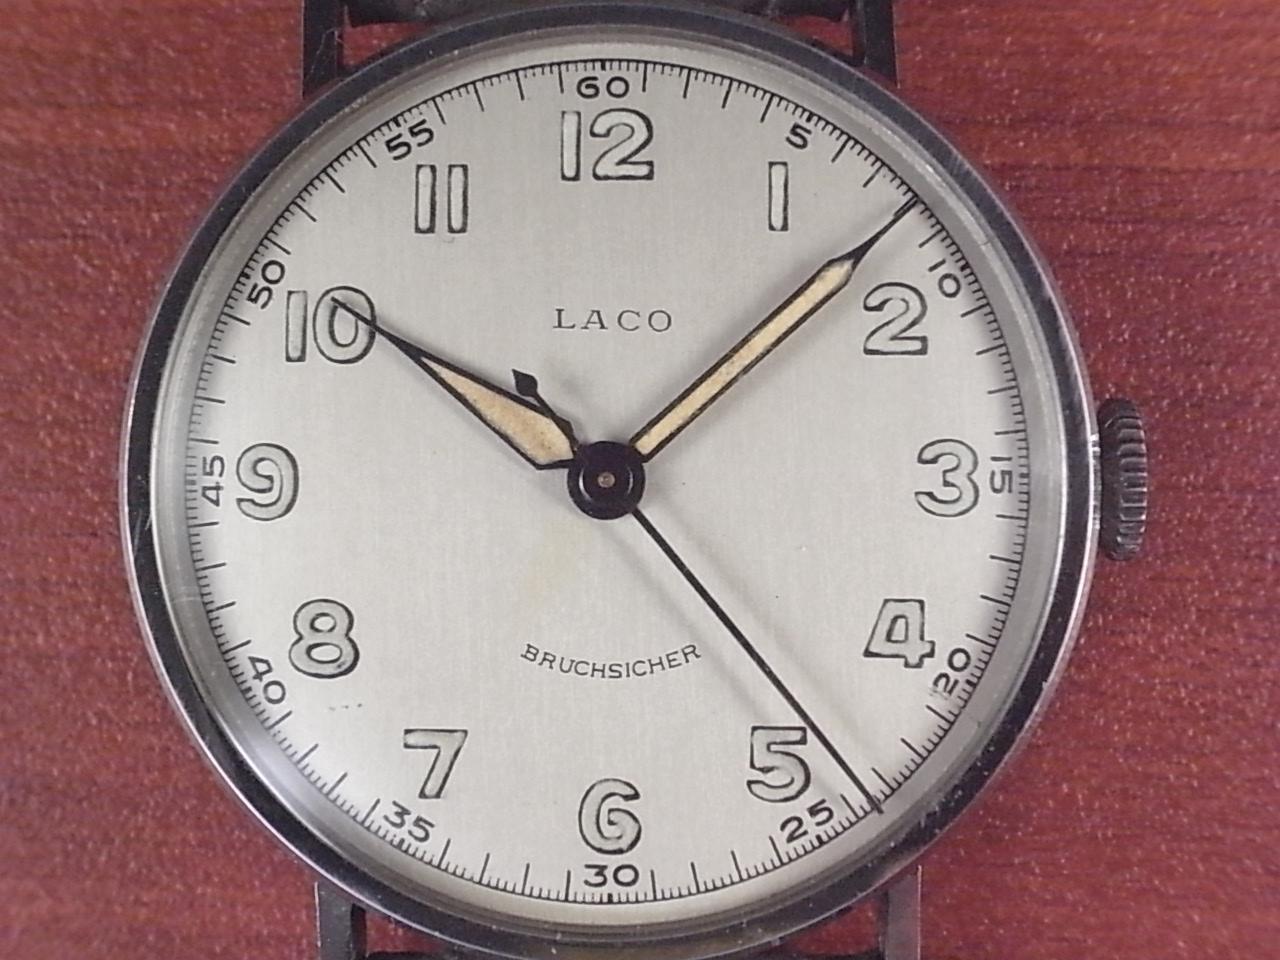 ラコ シリンダーケース センターセコンド 未使用品 1940年代の写真2枚目